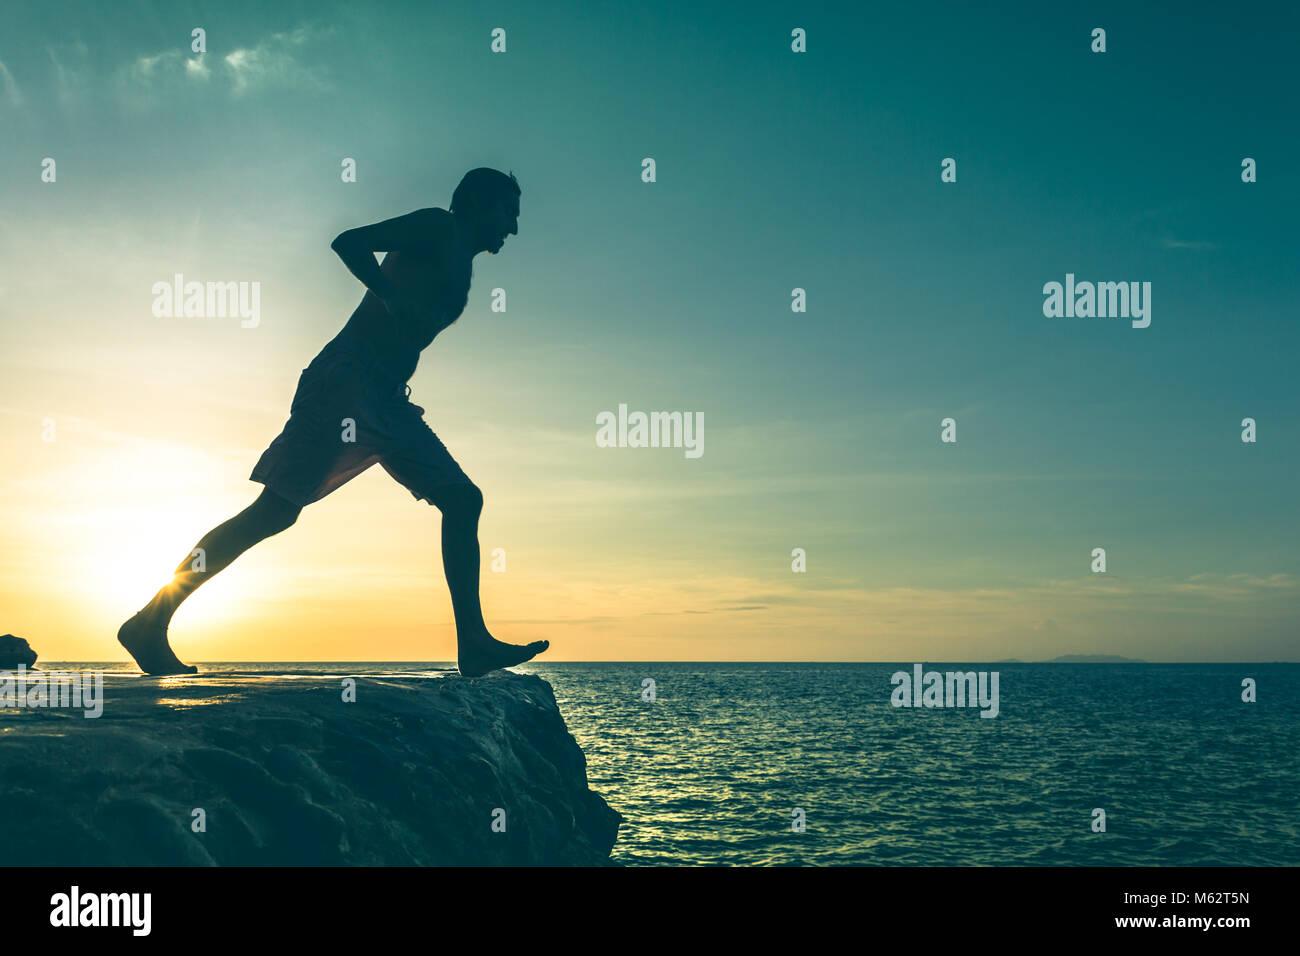 L'homme sur le bord d'une falaise sur le point de sauter dans la mer, sur le coucher du soleil dans l'île Photo Stock